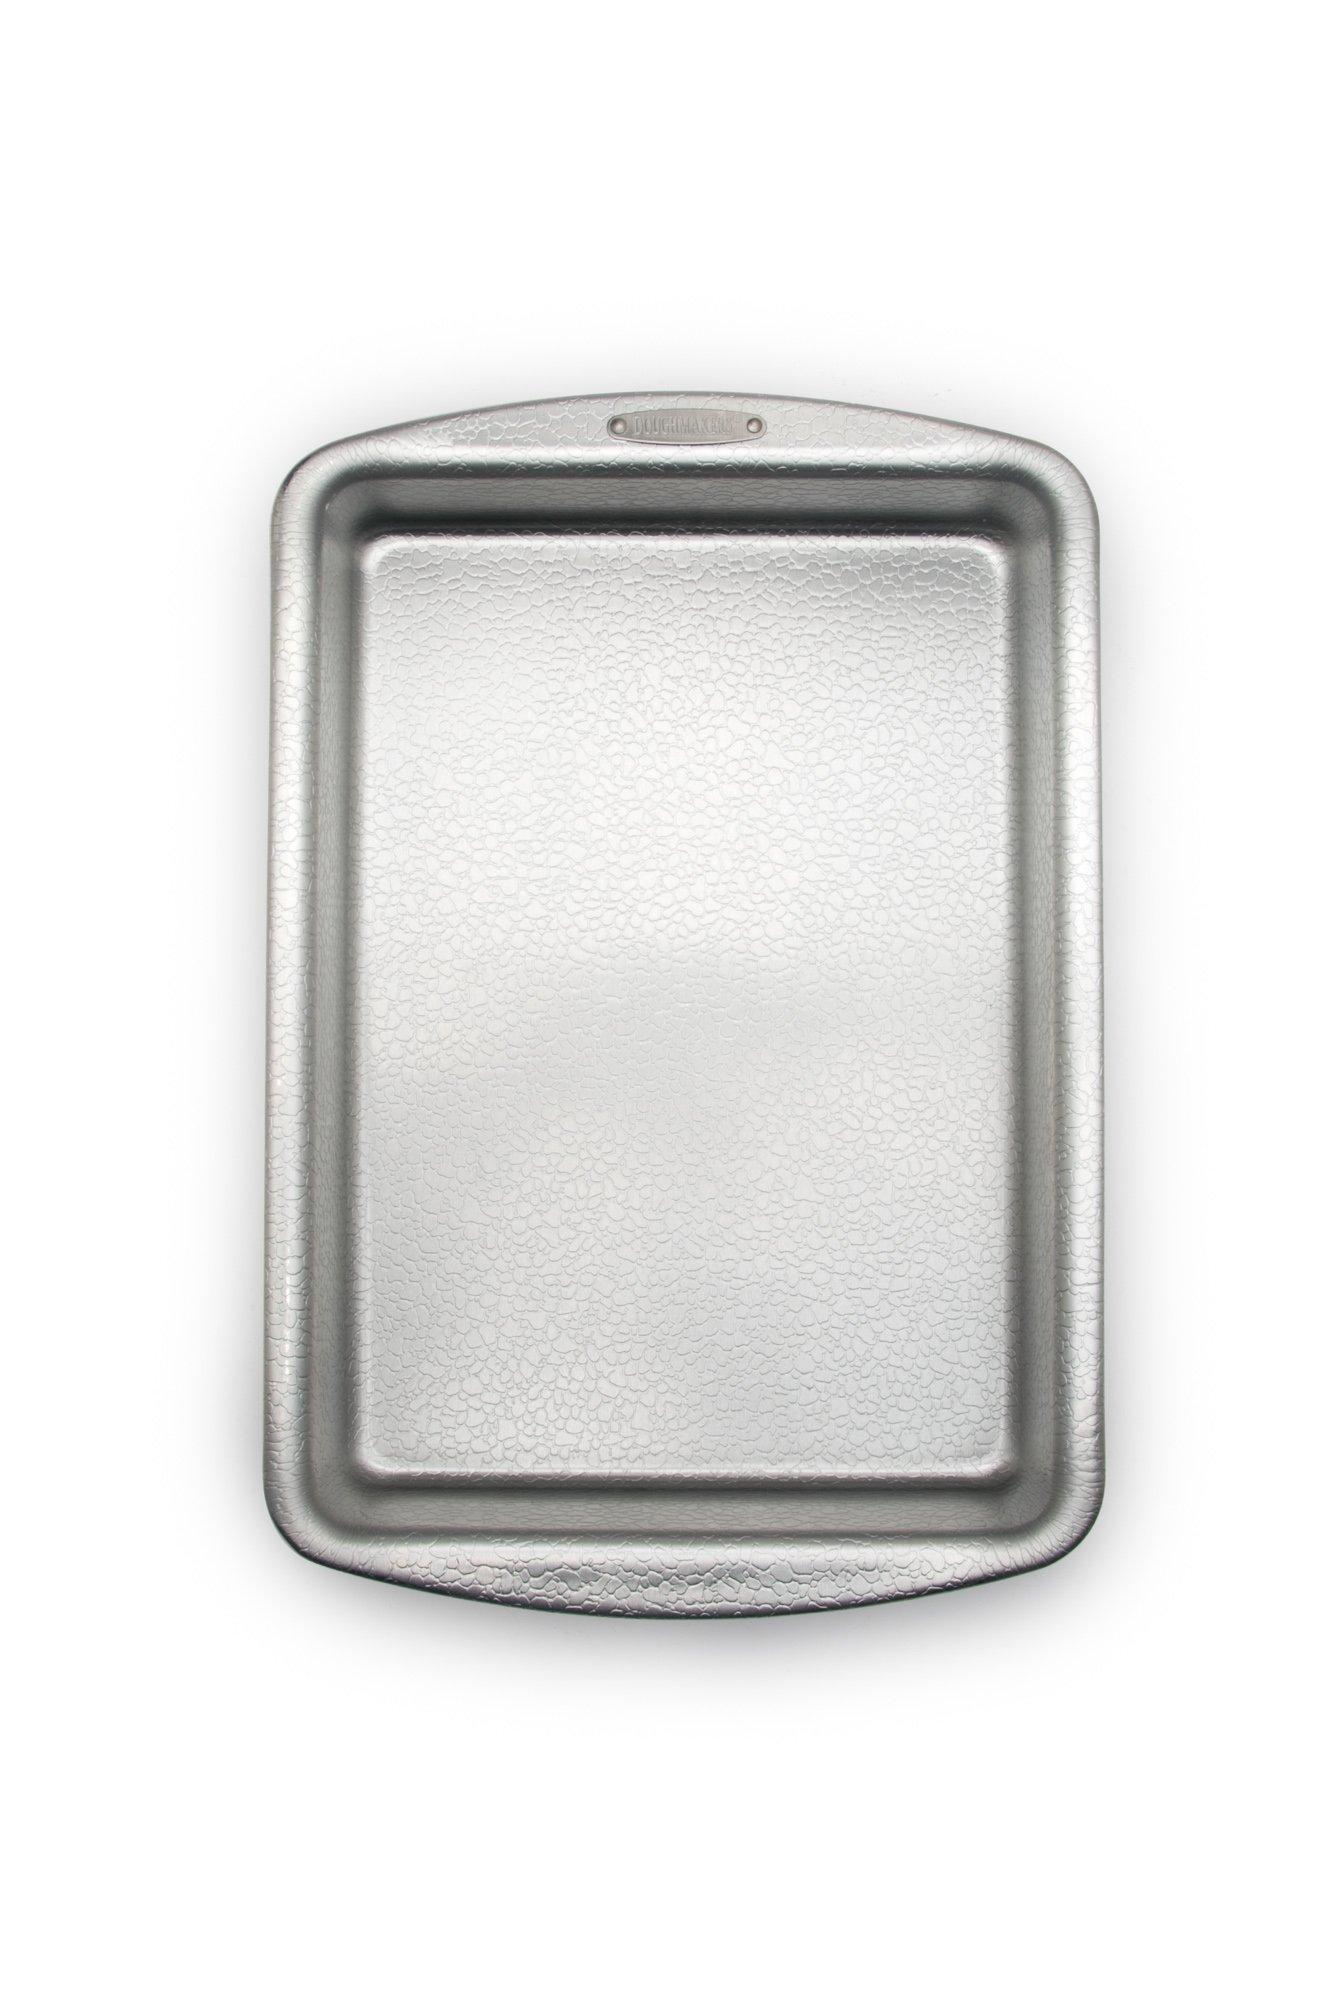 Doughmakers 10261 9'' x 13'' Cake Commercial Grade Aluminum Bake Pan